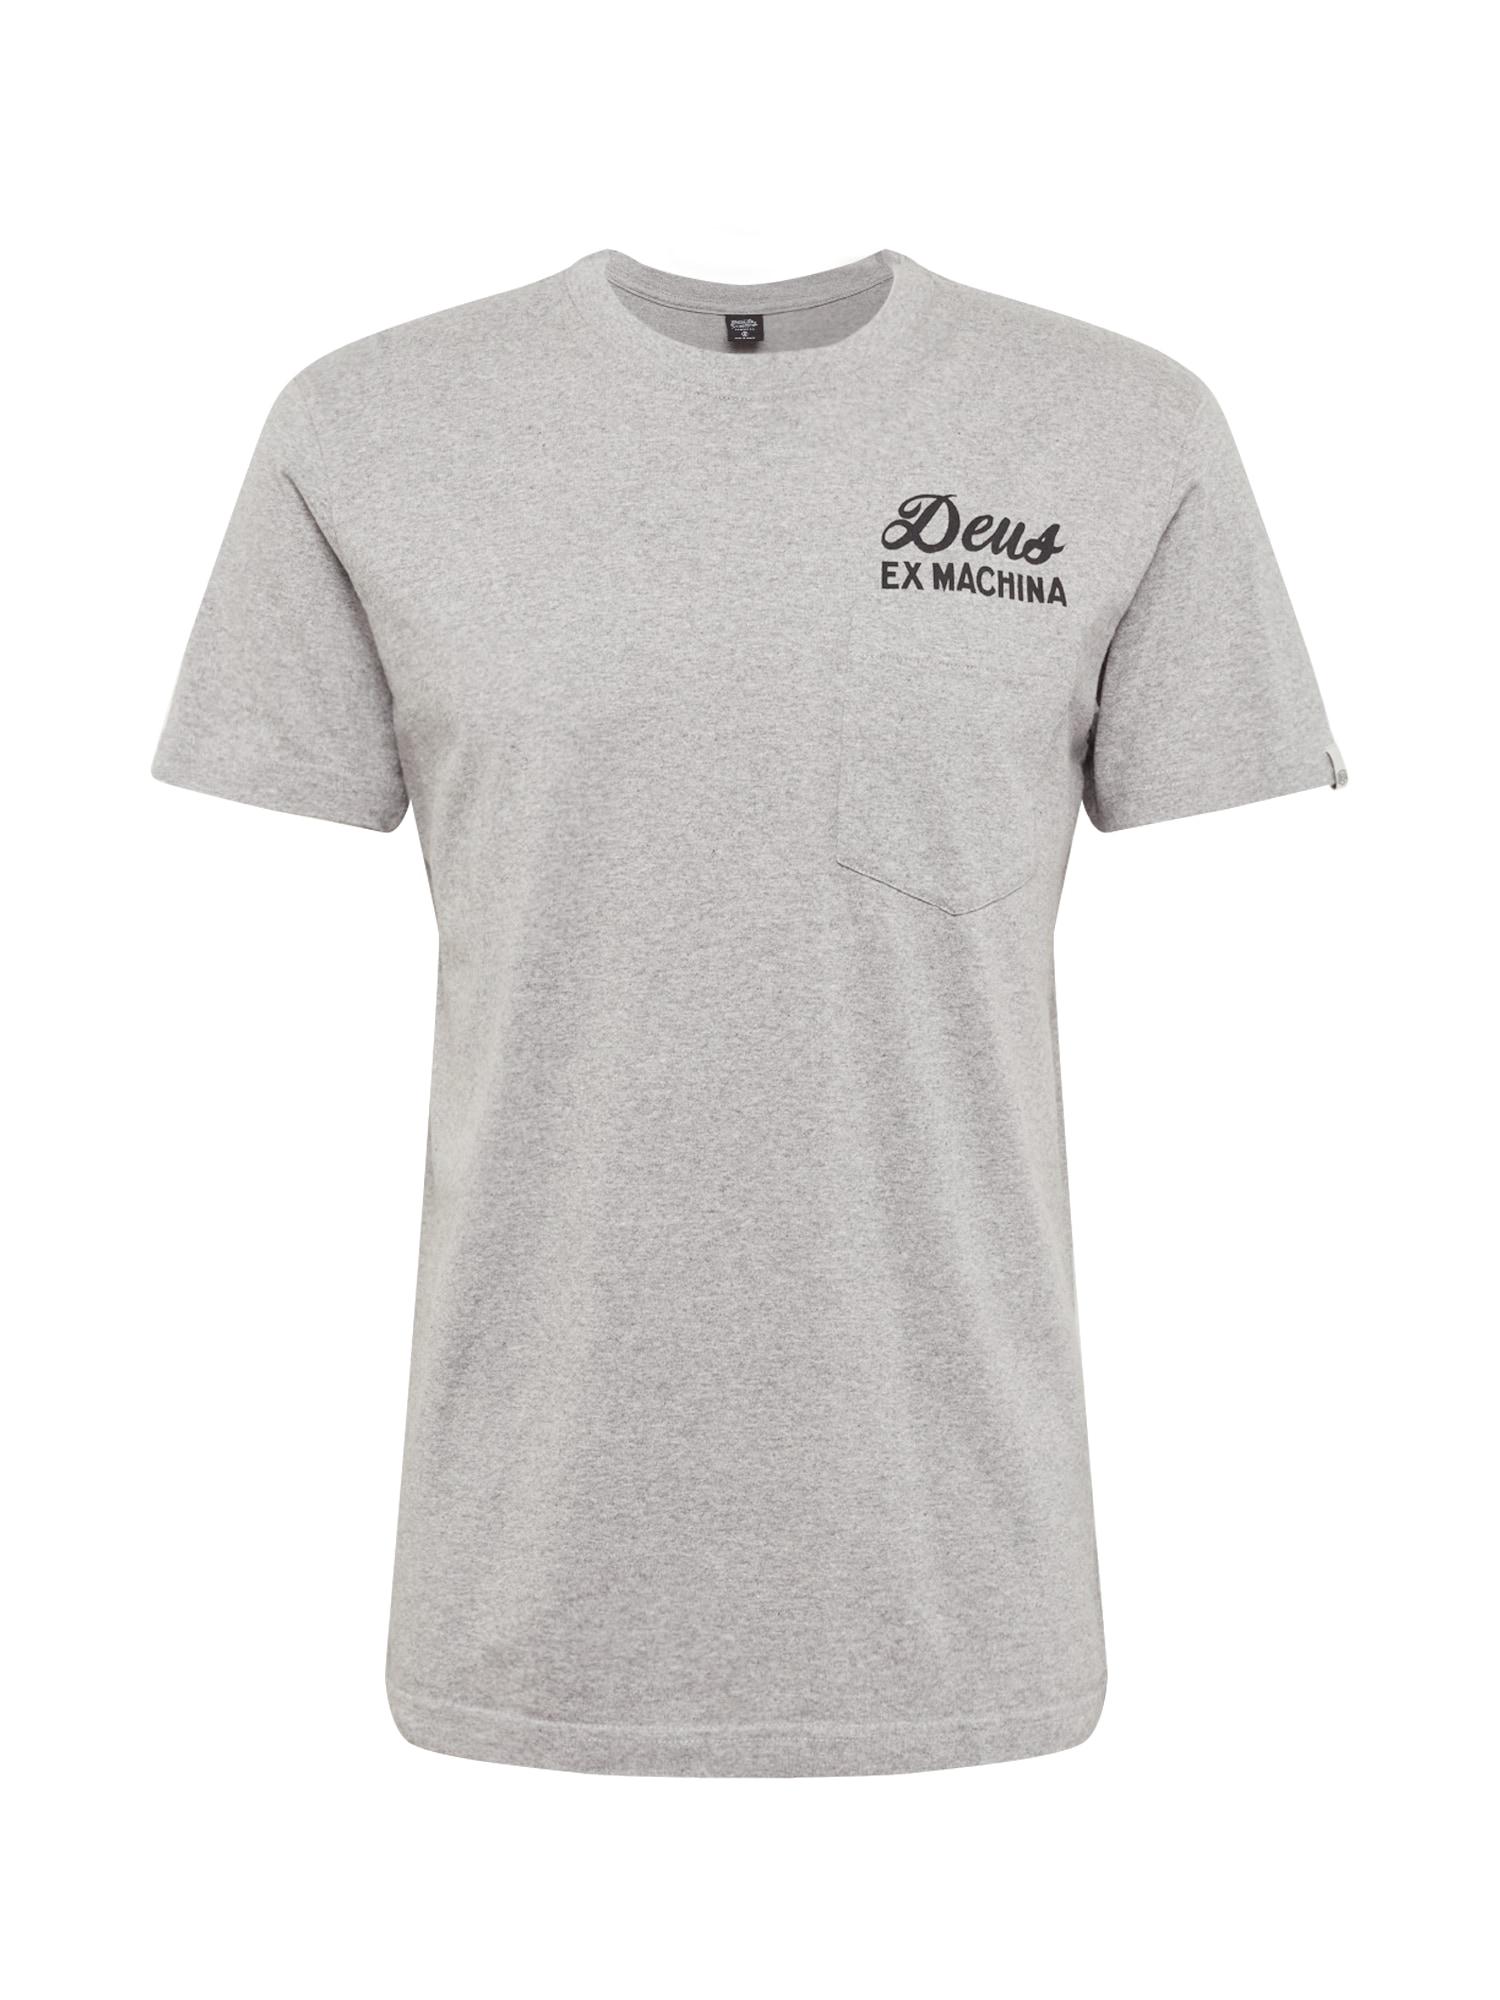 DEUS EX MACHINA Marškinėliai